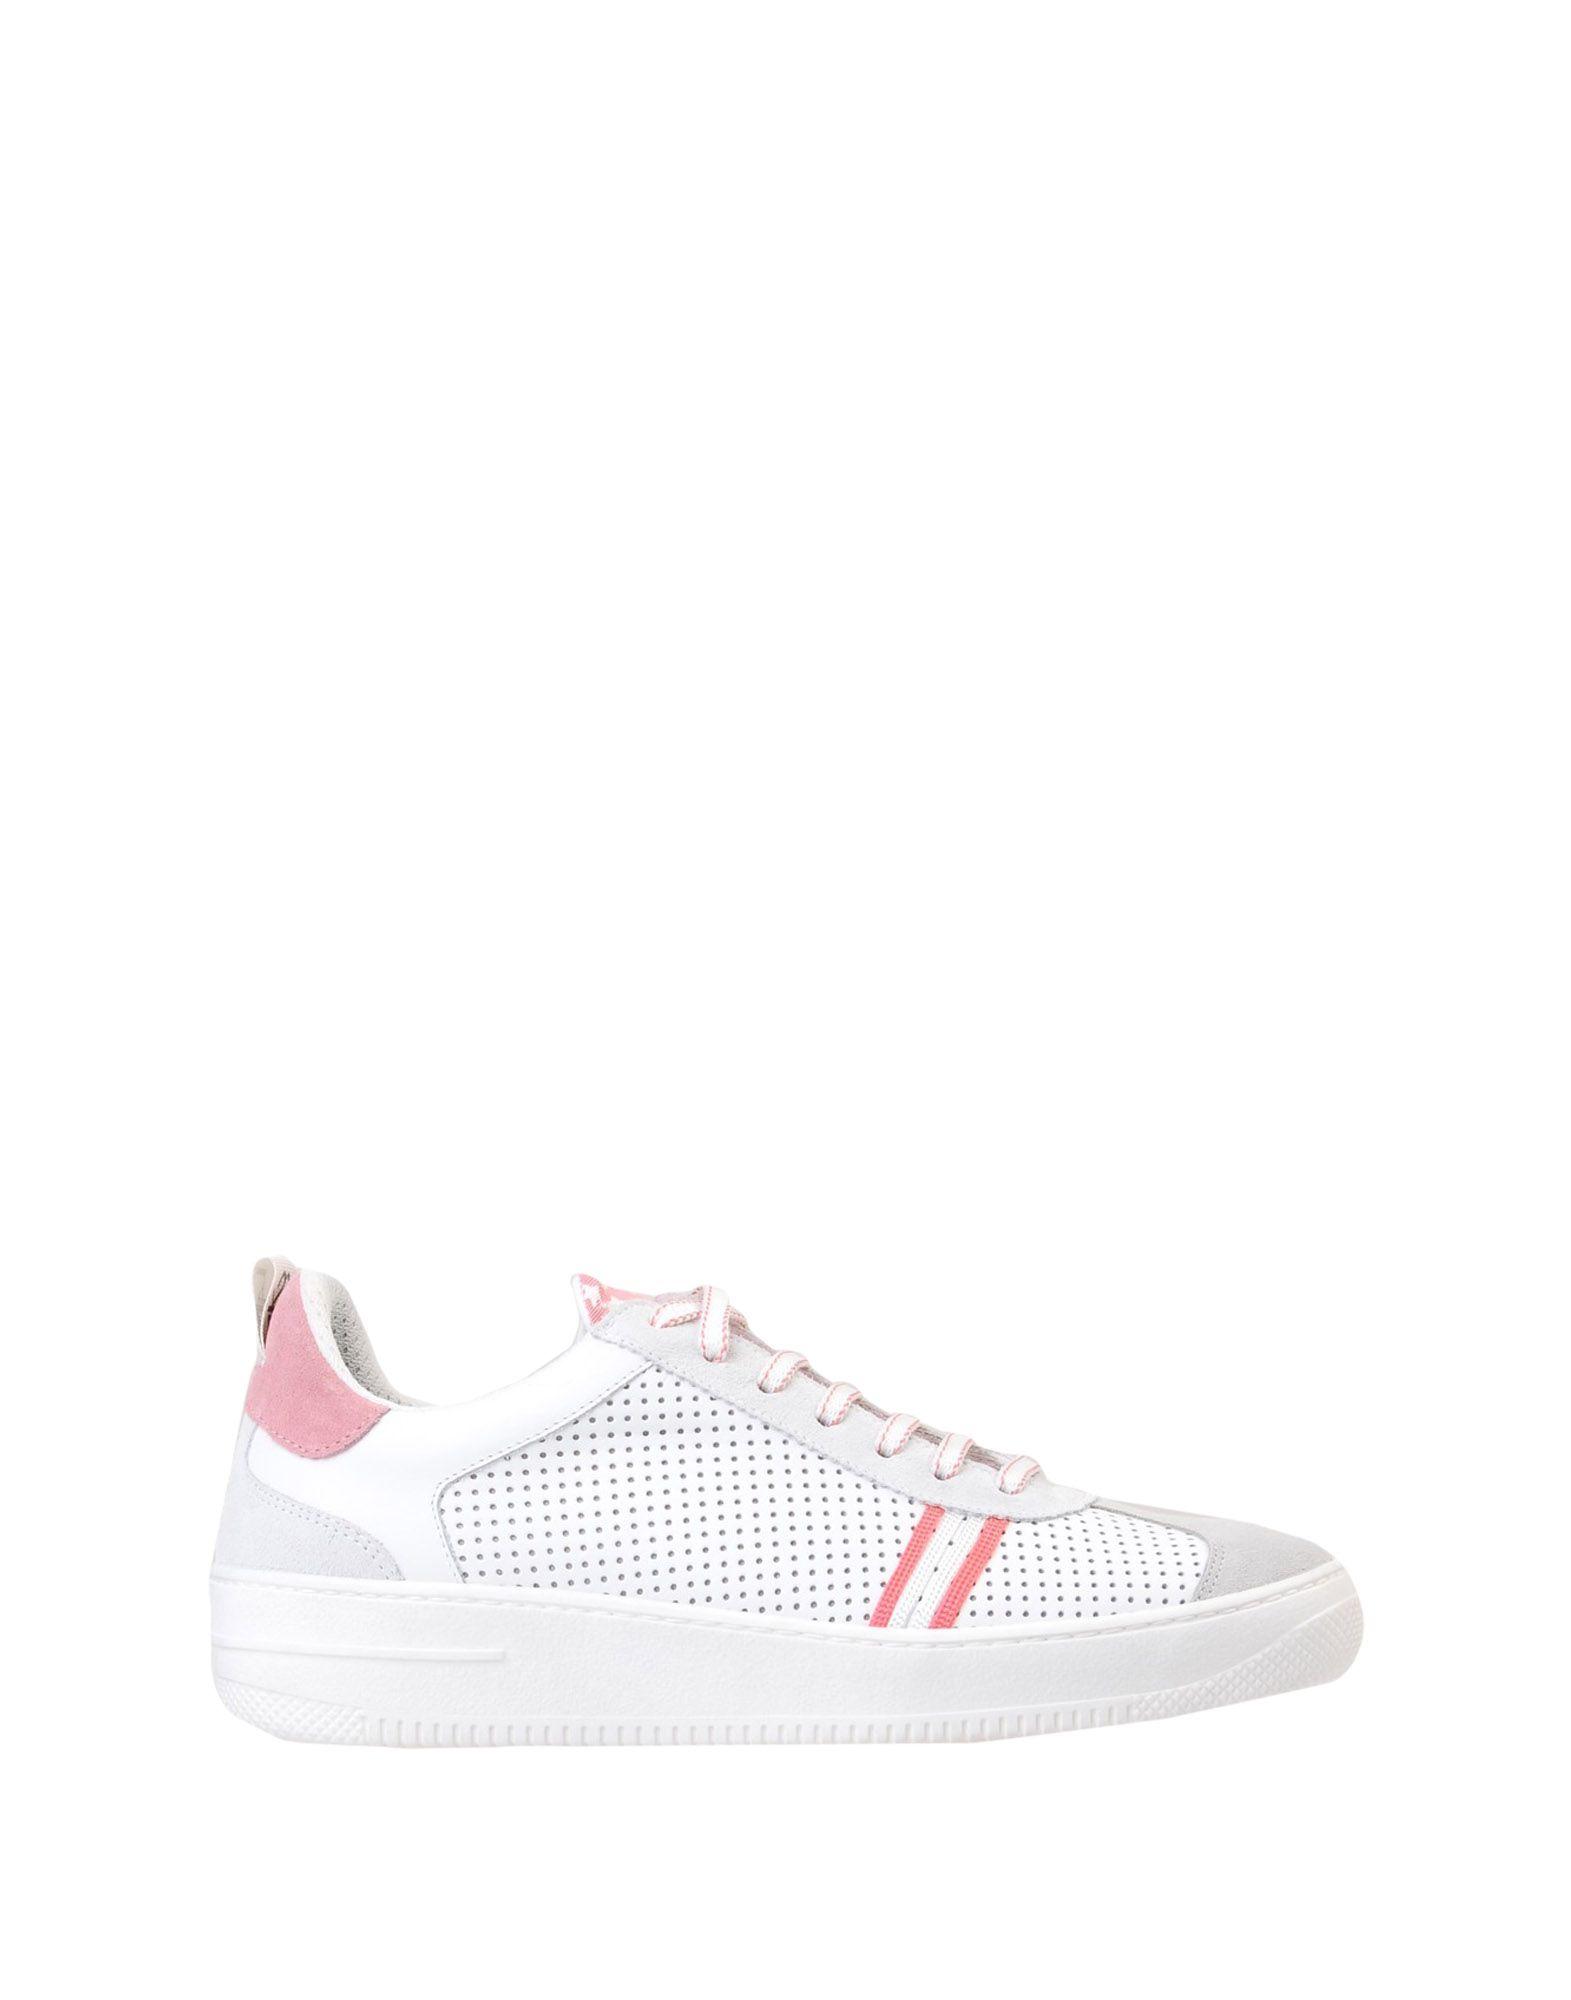 Sneakers L4k3 Storm - Femme - Sneakers L4k3 sur